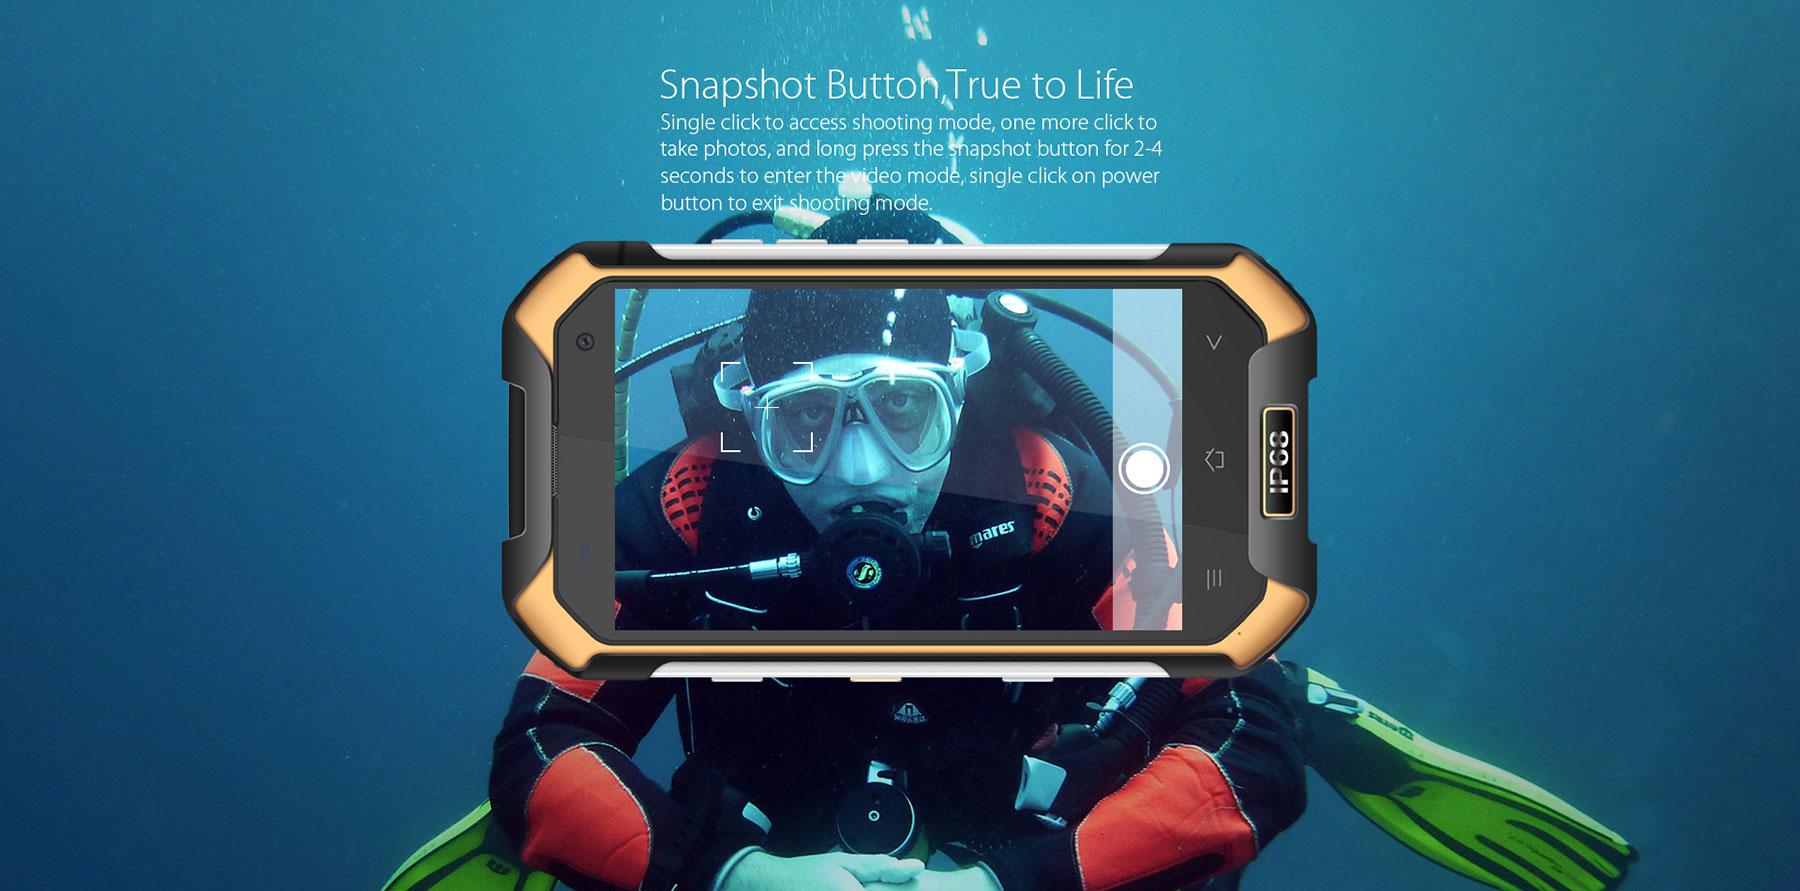 Blackview BV6000, China-Smartphone, Smartphone ohne Vertrag, bester Preis, wasserdichtes Handy